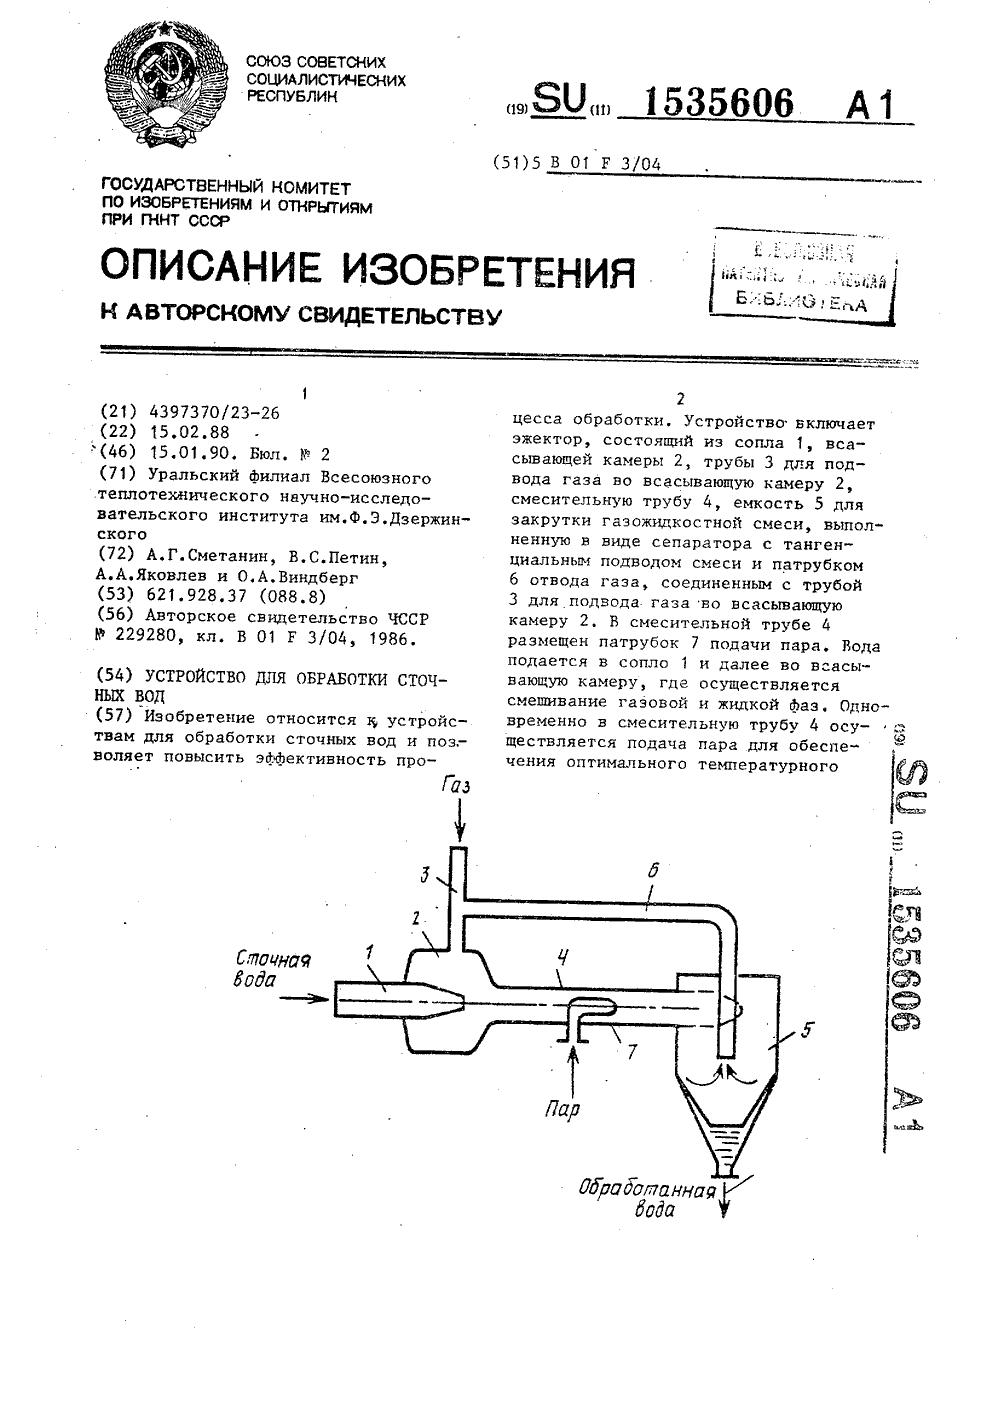 автоклав аов-24 инструкция